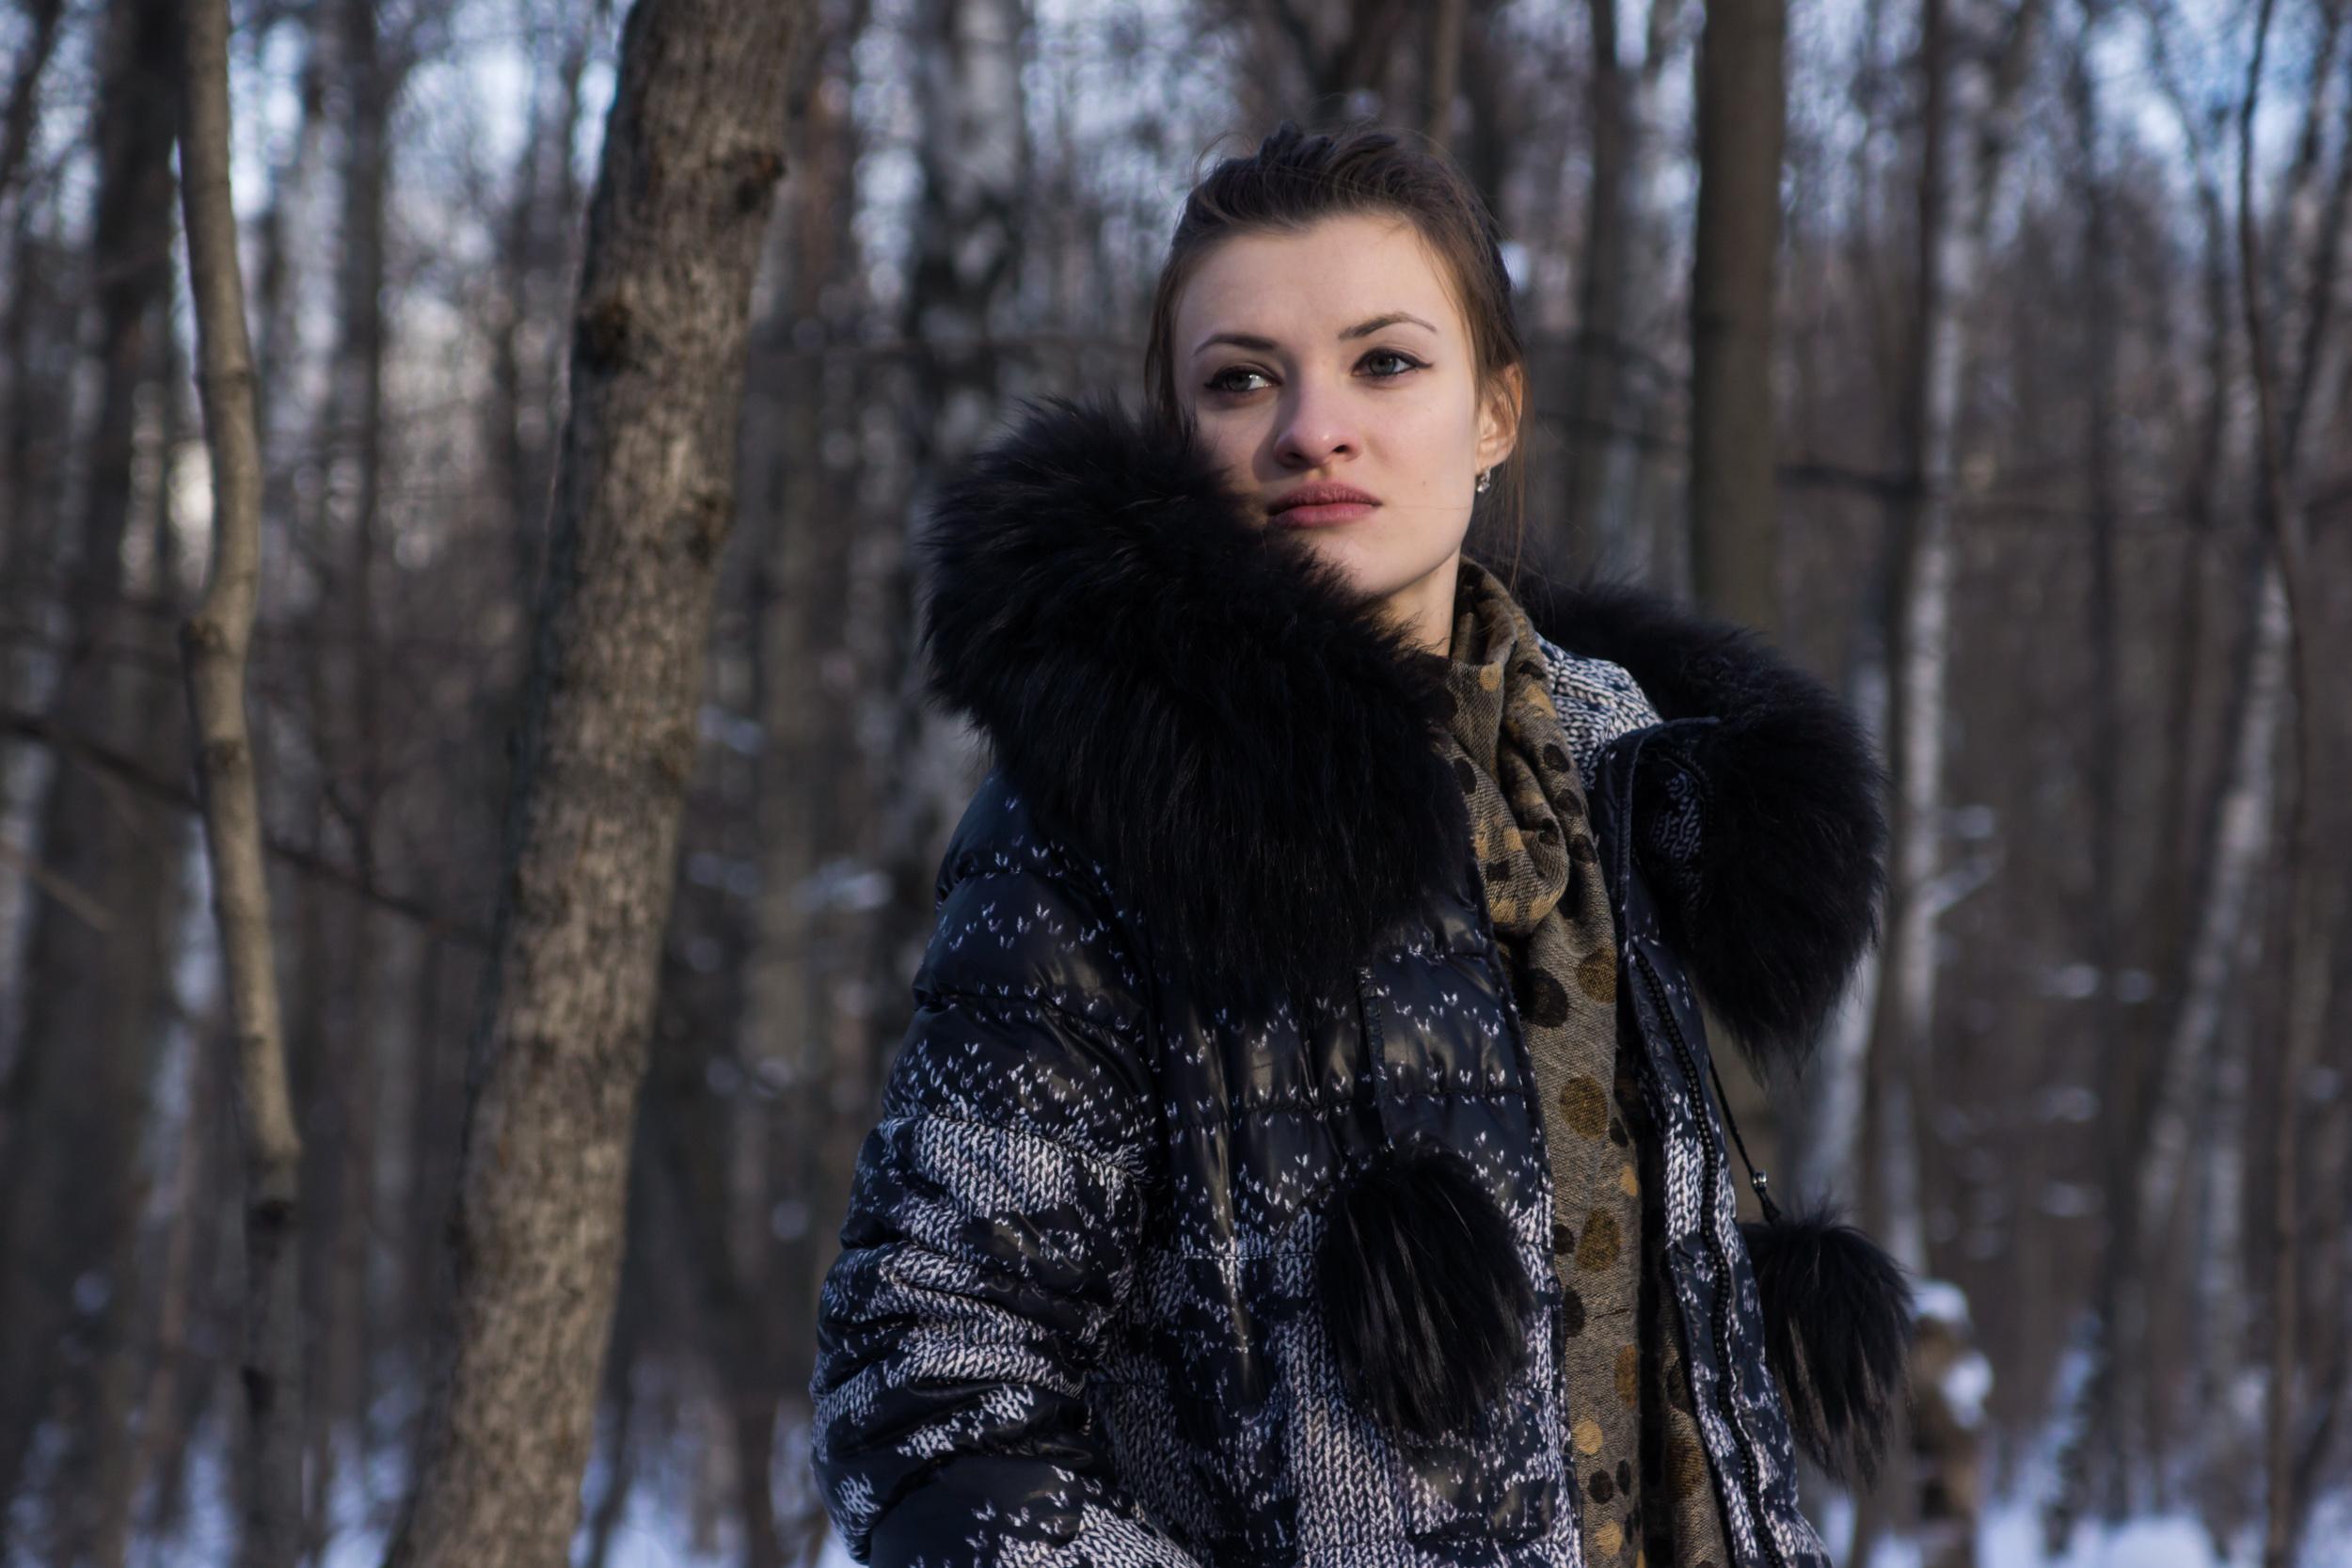 Зимний портрет девушки в парке